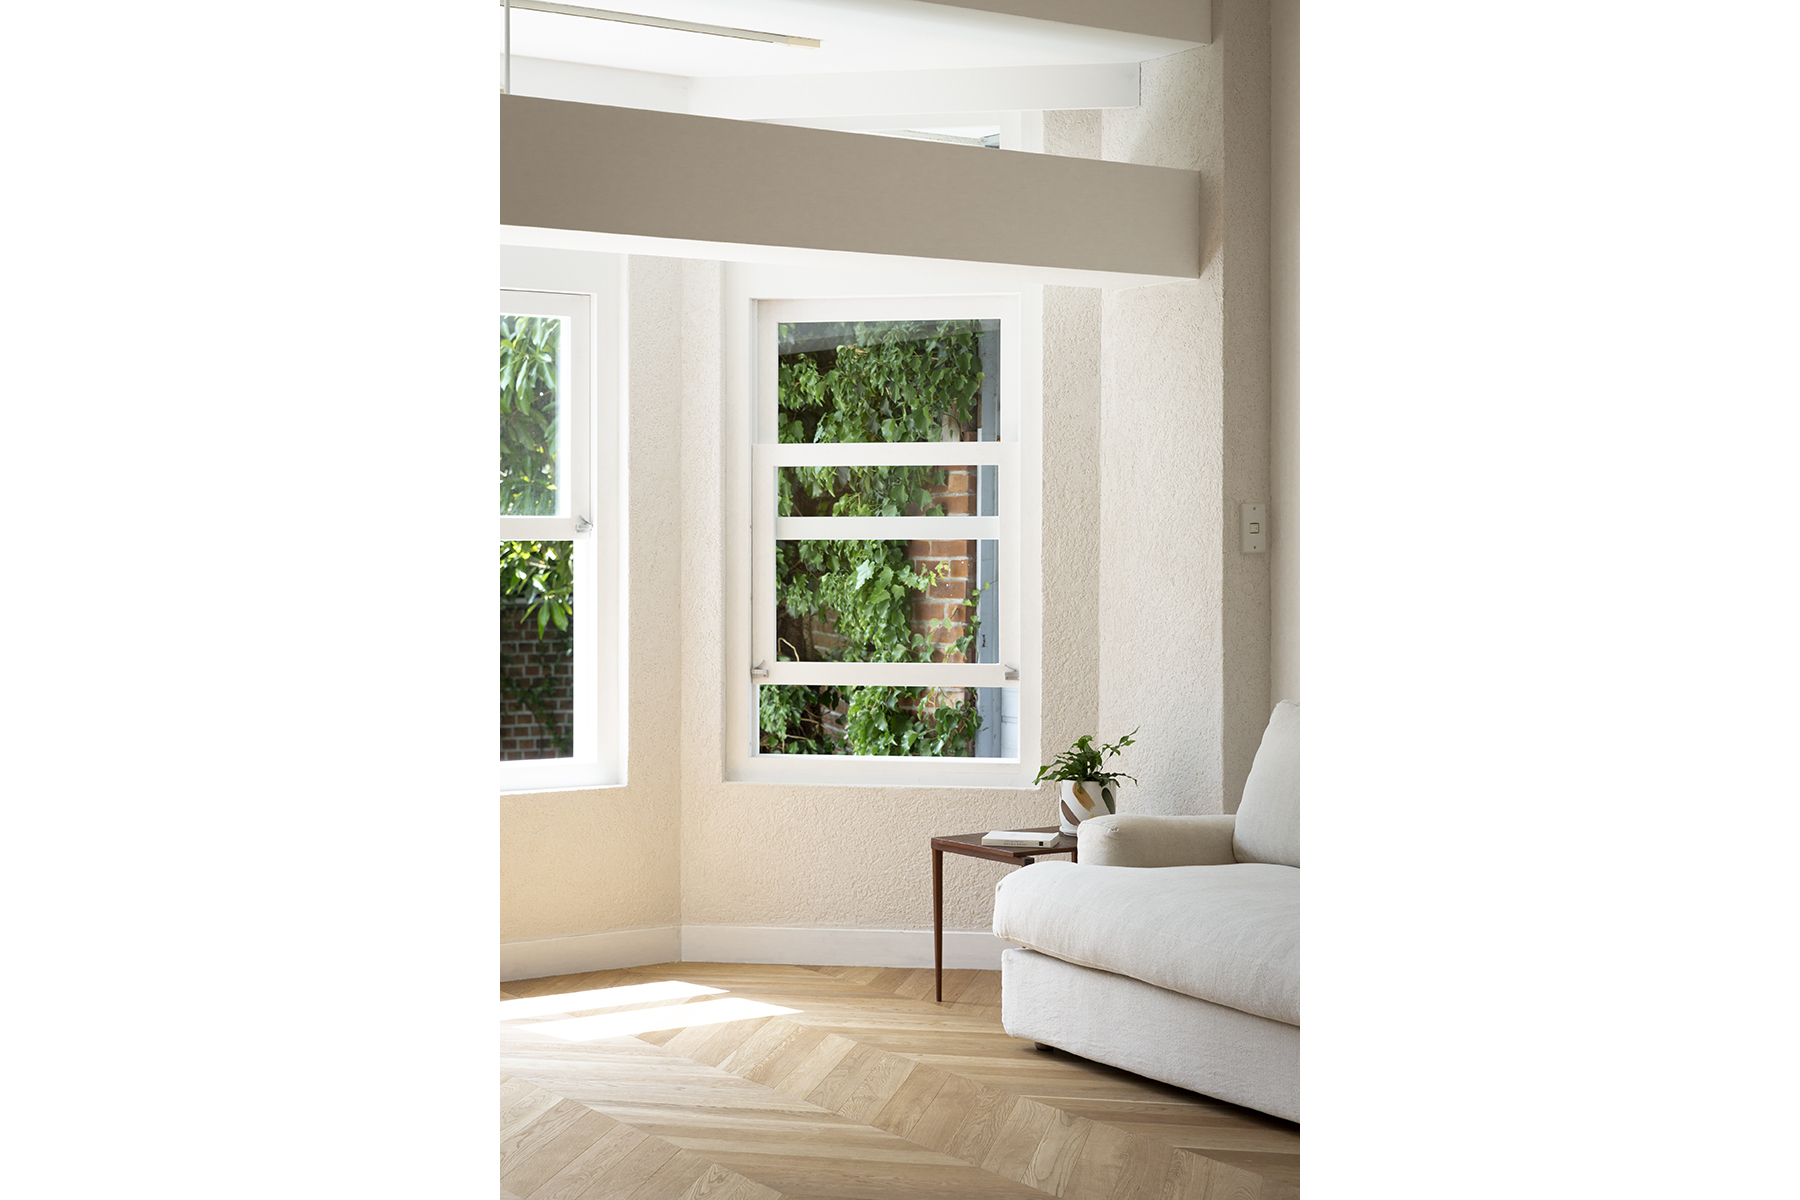 Hiroo house 1F (広尾ハウス 1F)